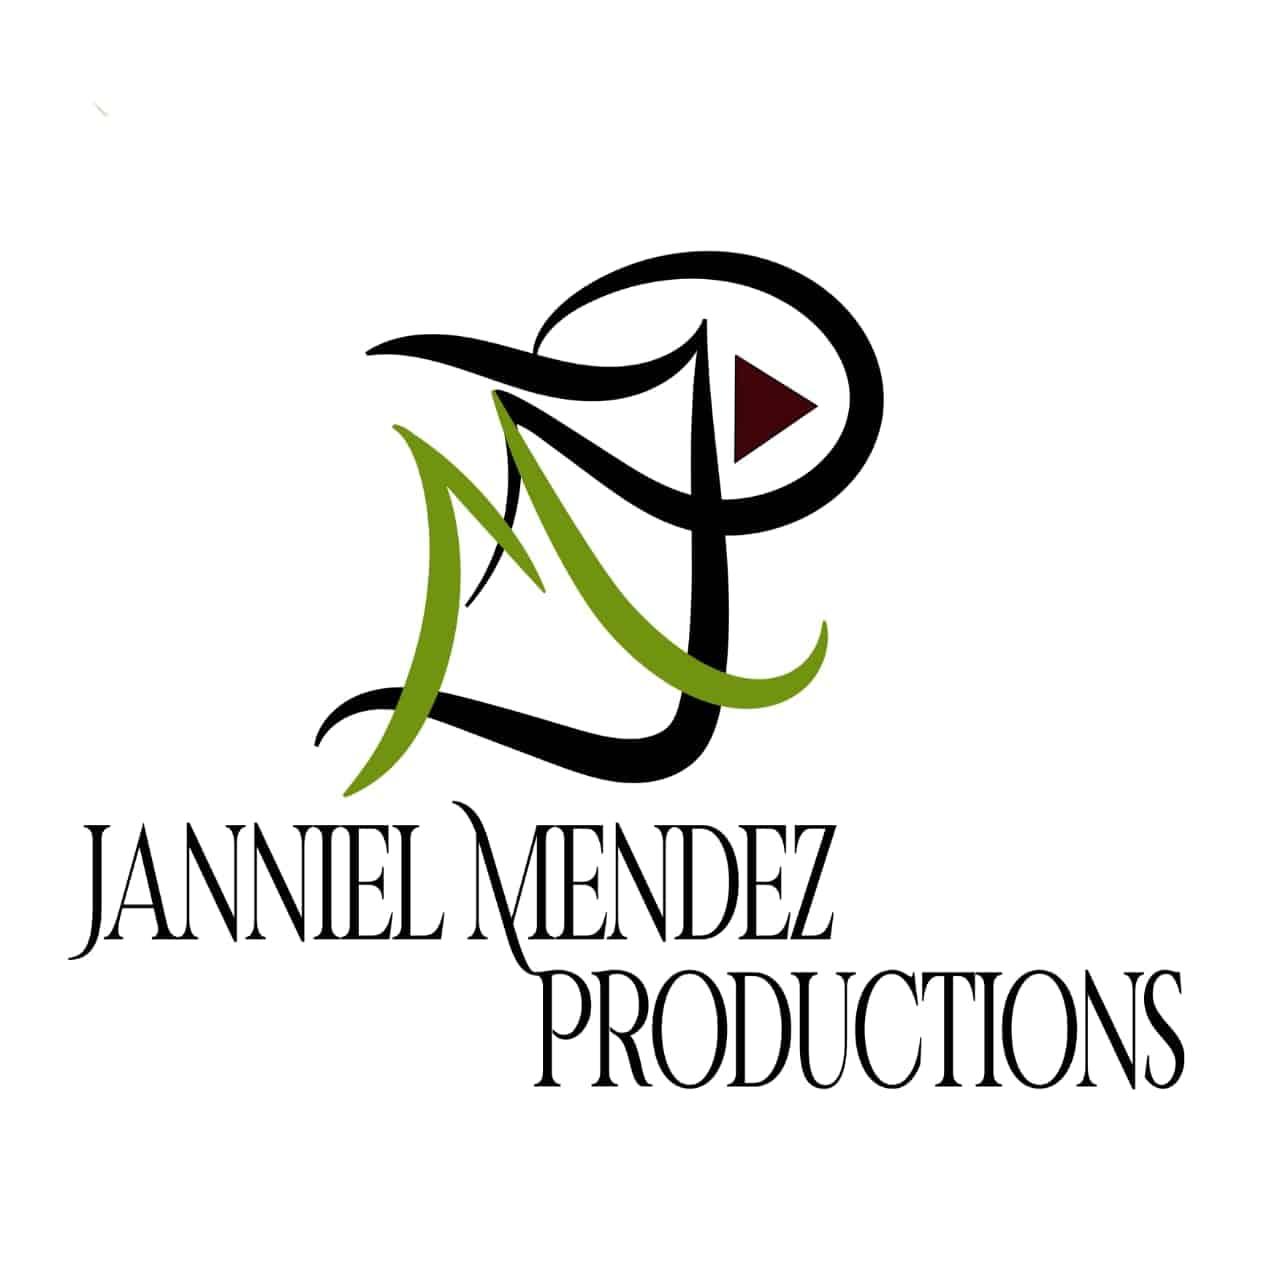 JANIEL